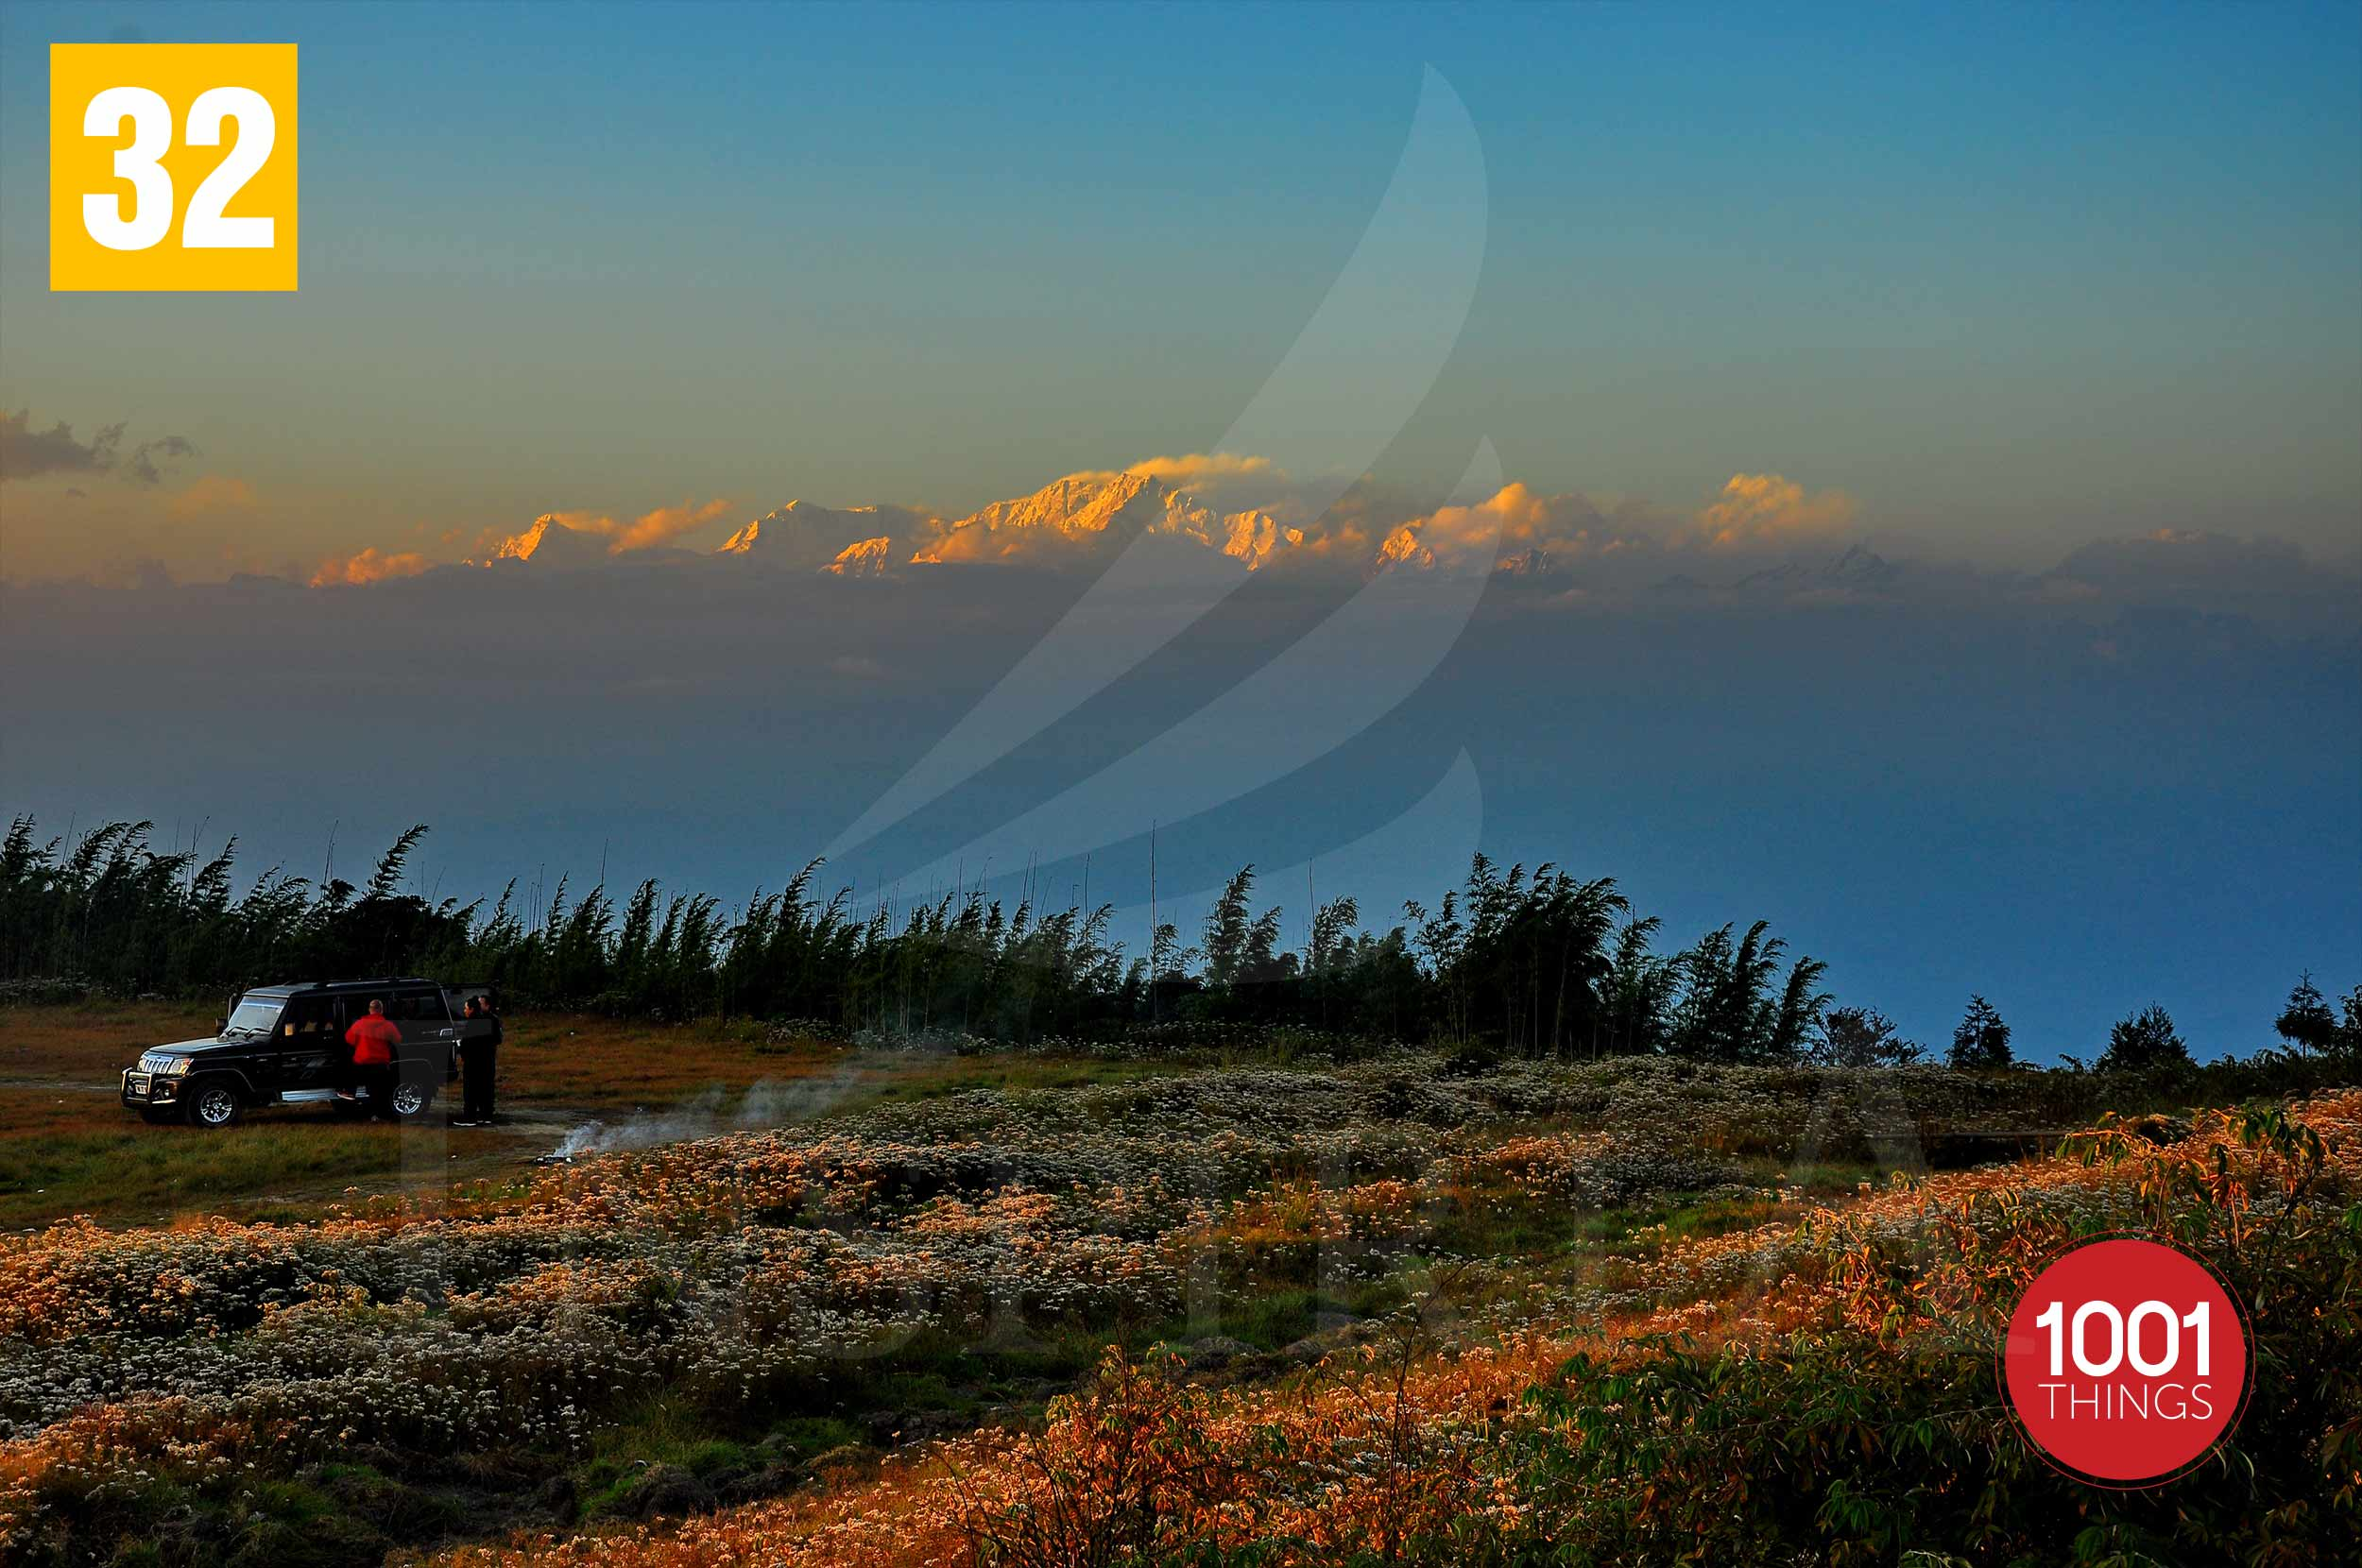 tiger hill darjeeling images